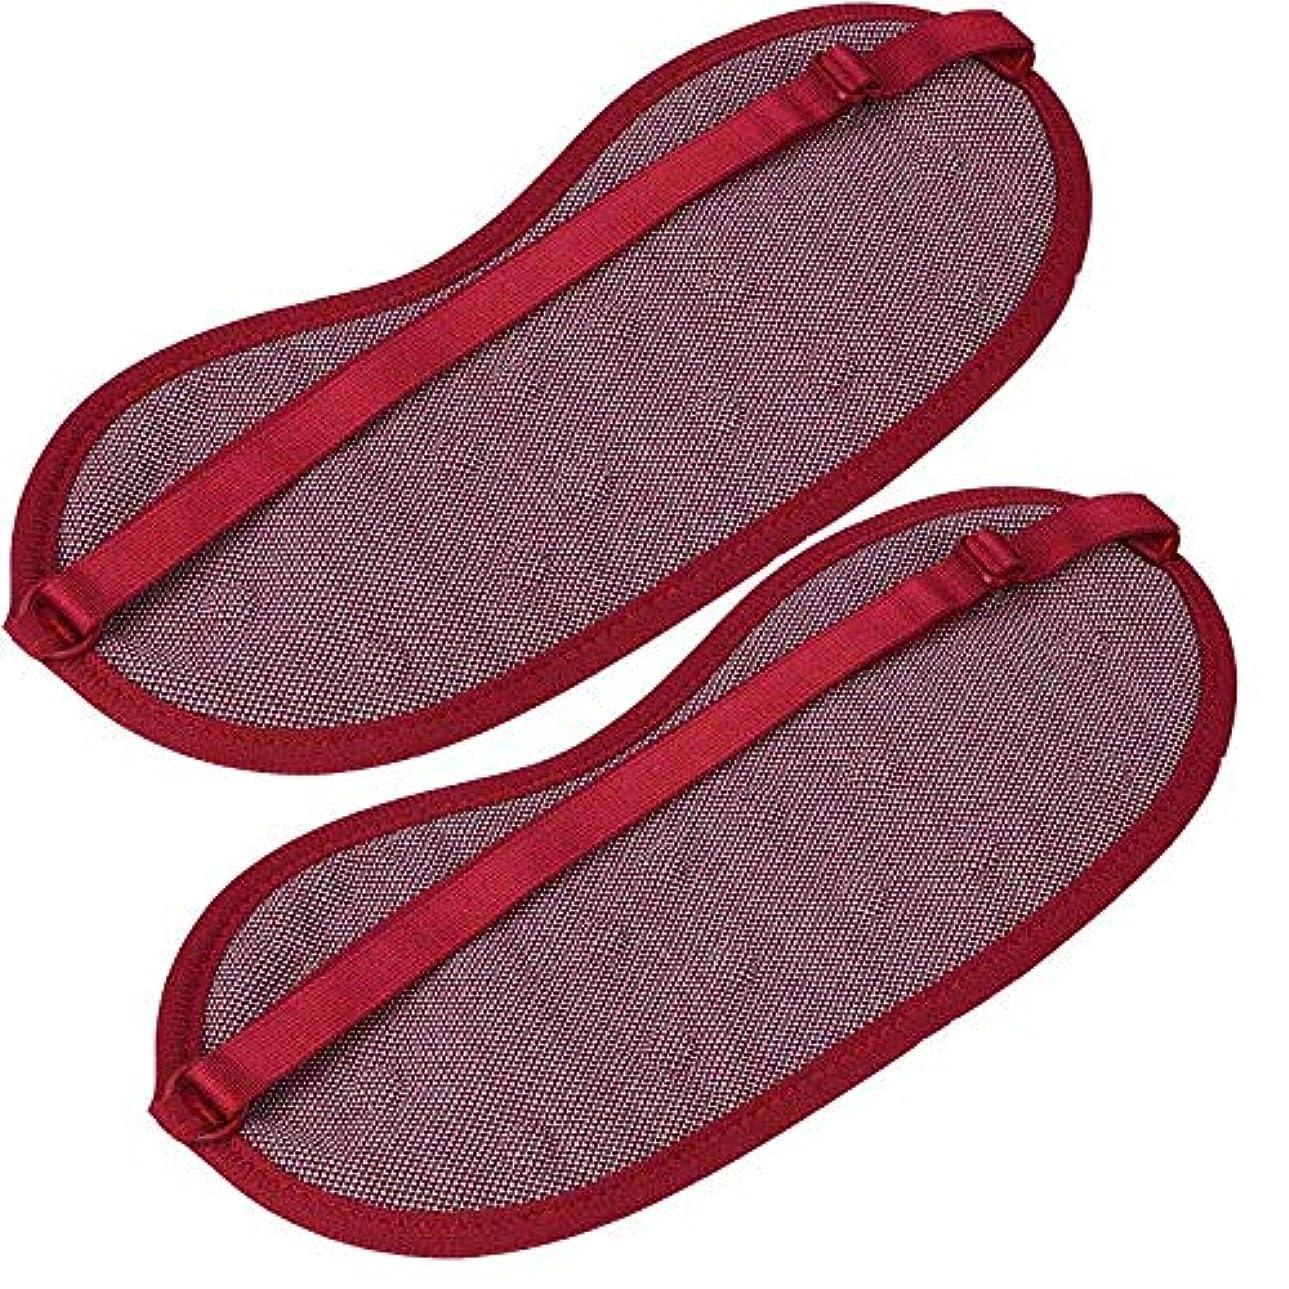 ビザ歪める魅惑的なNOTE 2ピースソフトシルクアイパッチスムースマスクカバー遠赤外線マッサージ療法睡眠マスクシェード旅行残りアイシェード睡眠包帯